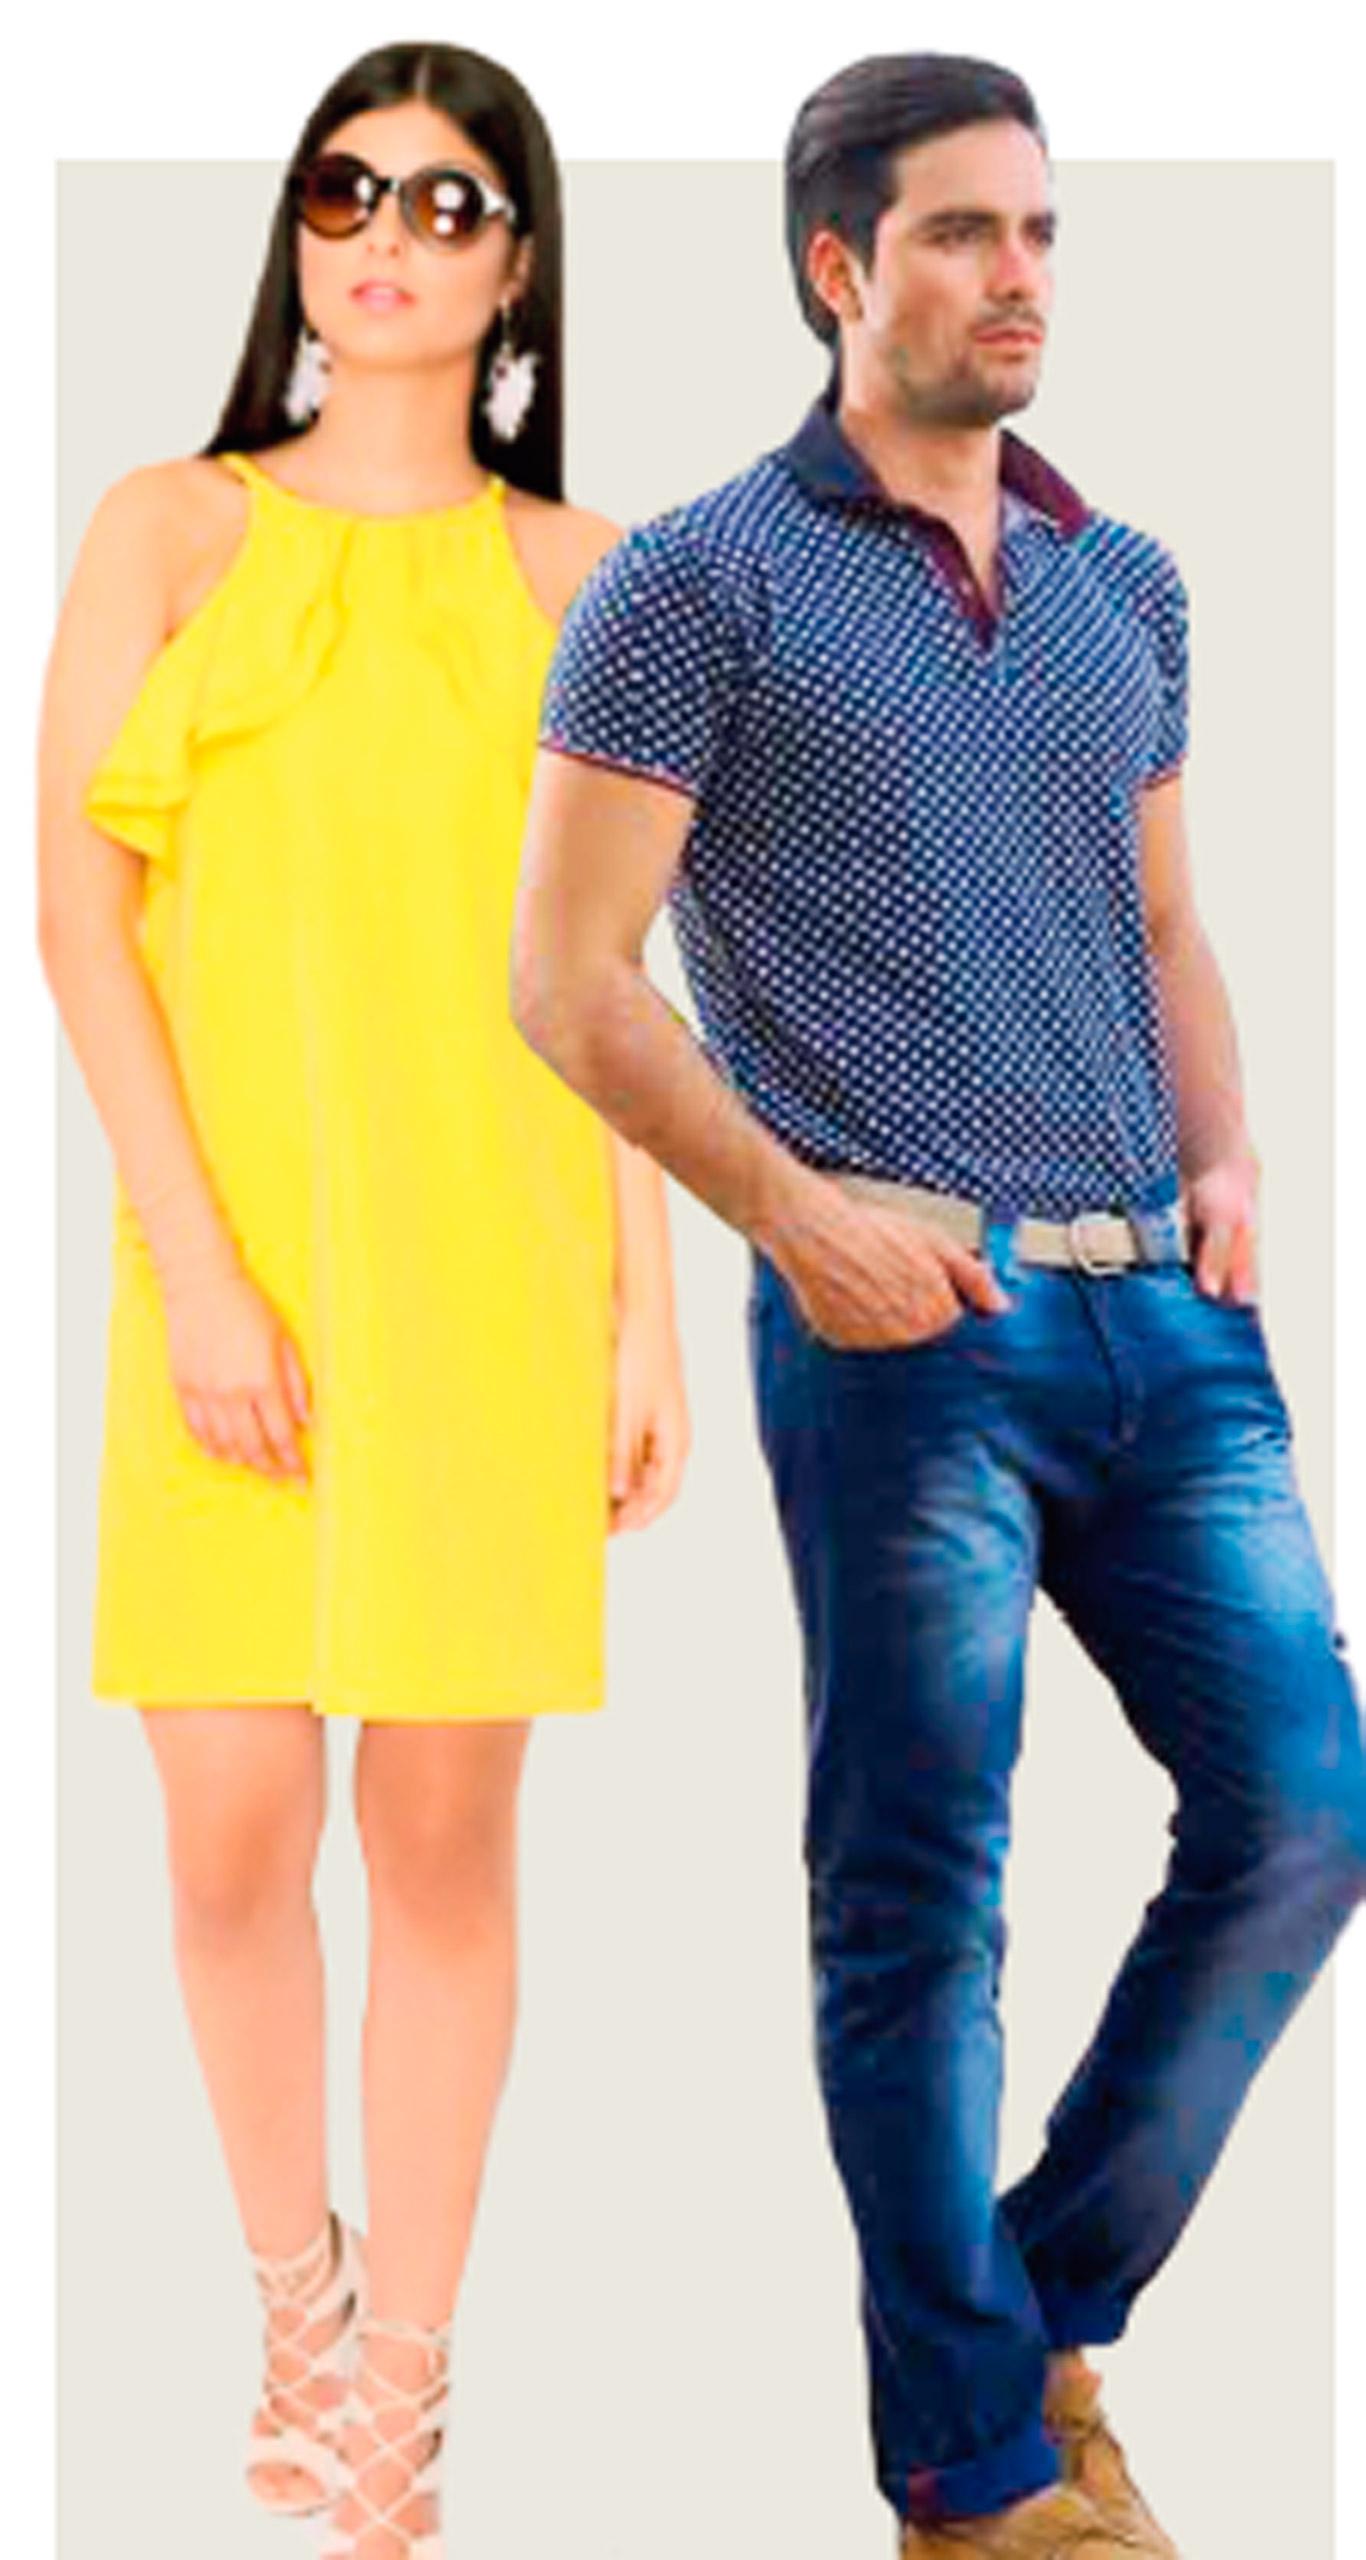 0dac9317fece Guía práctica para vestir con estilo en cada ocasión | El Heraldo